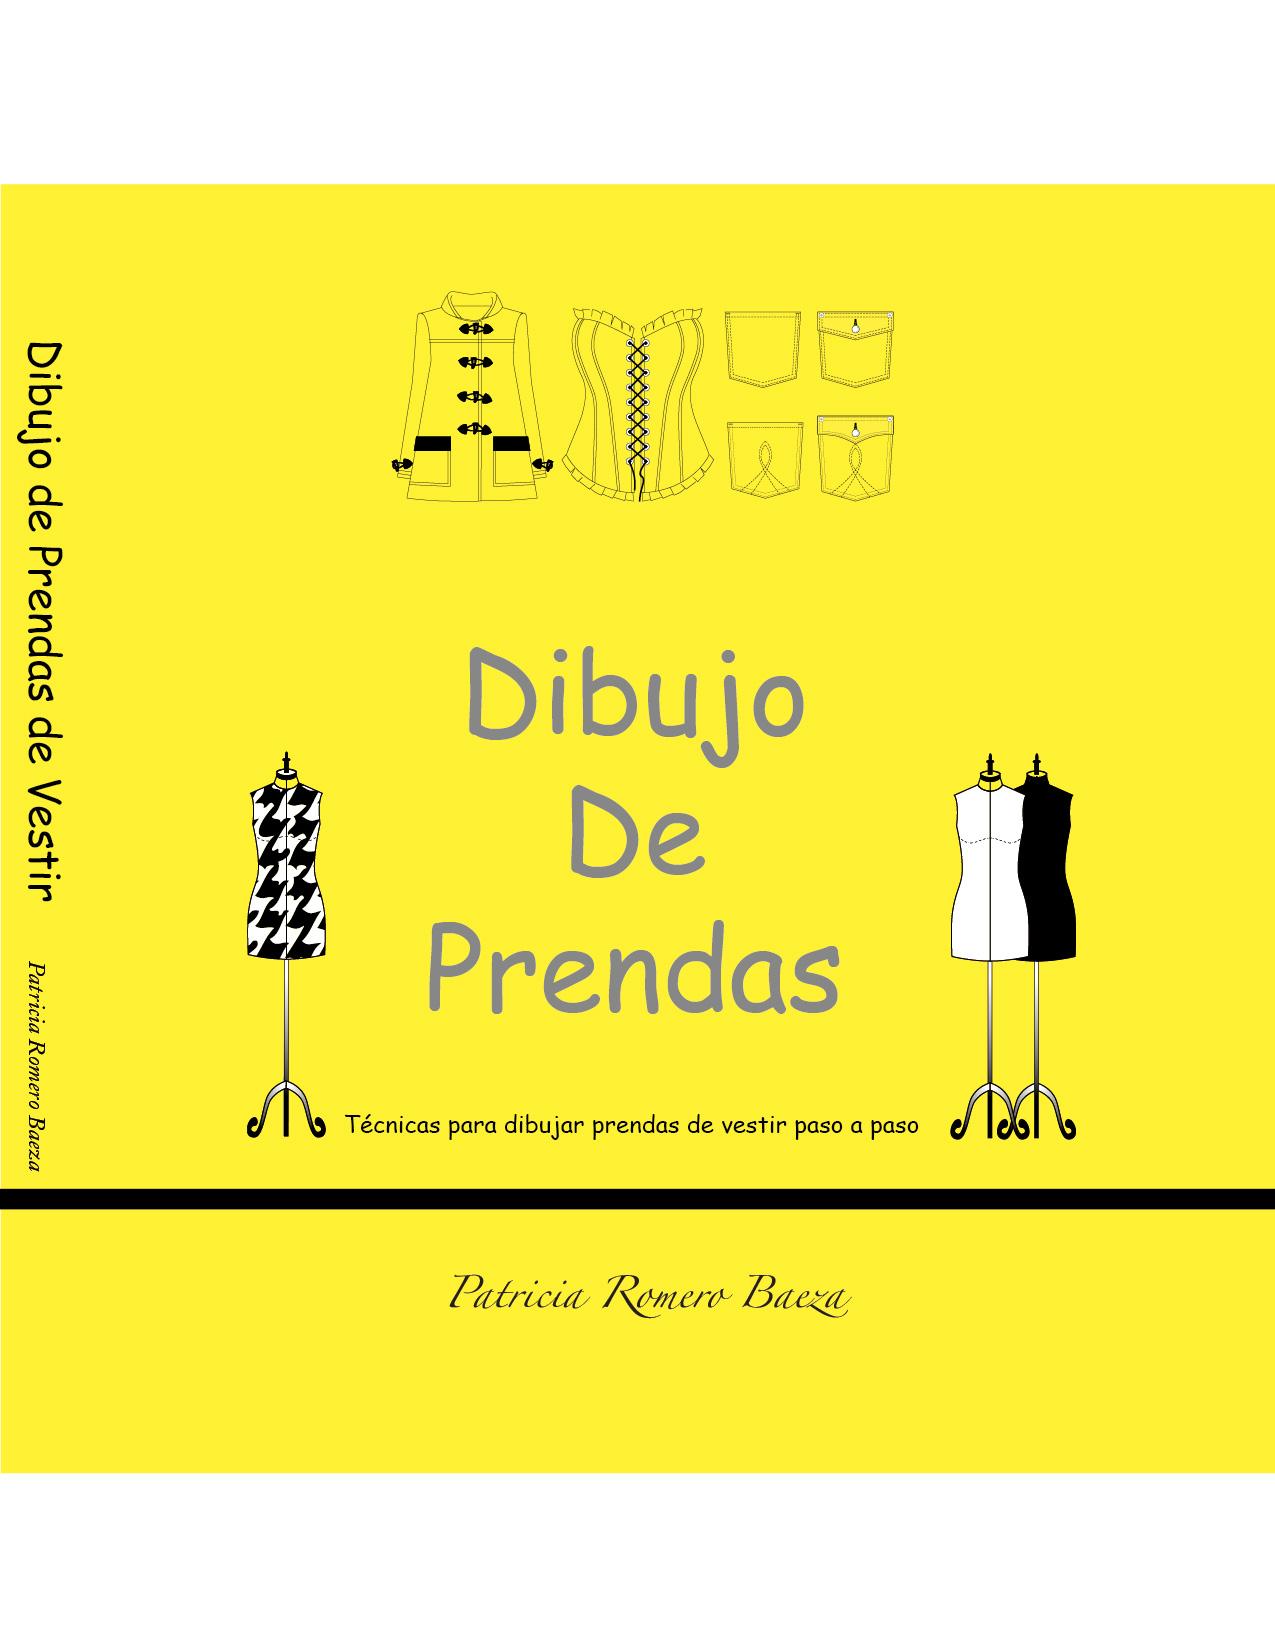 LIBRO: Dibujo de Prendas